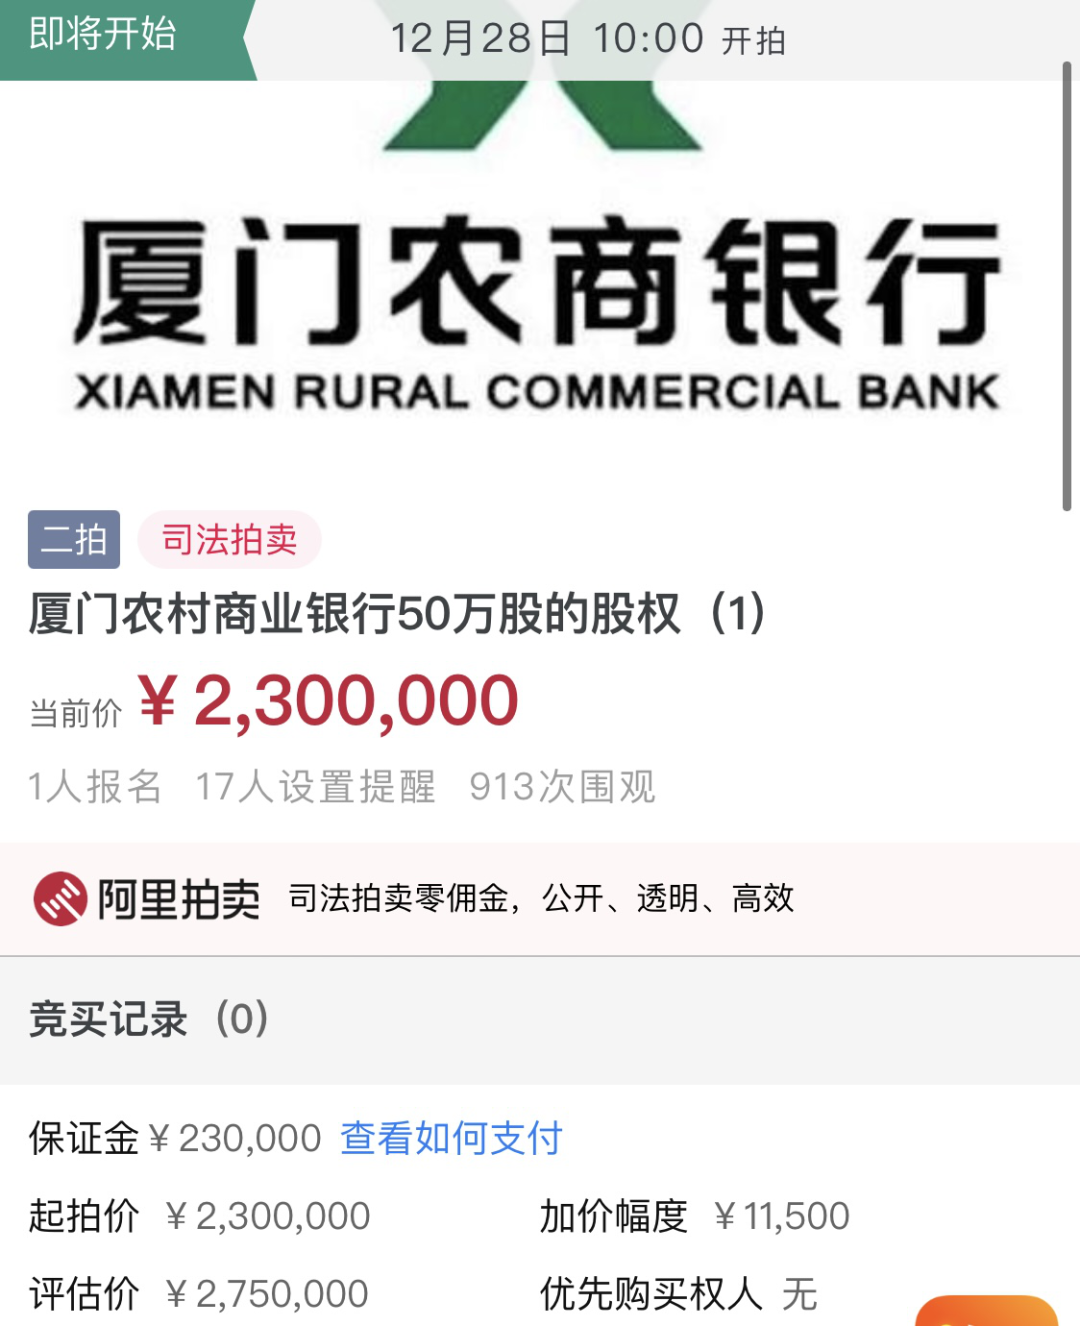 【太平洋在线】厦门农商银行IPO排队迟迟未果 4350万股却遭二次拍卖